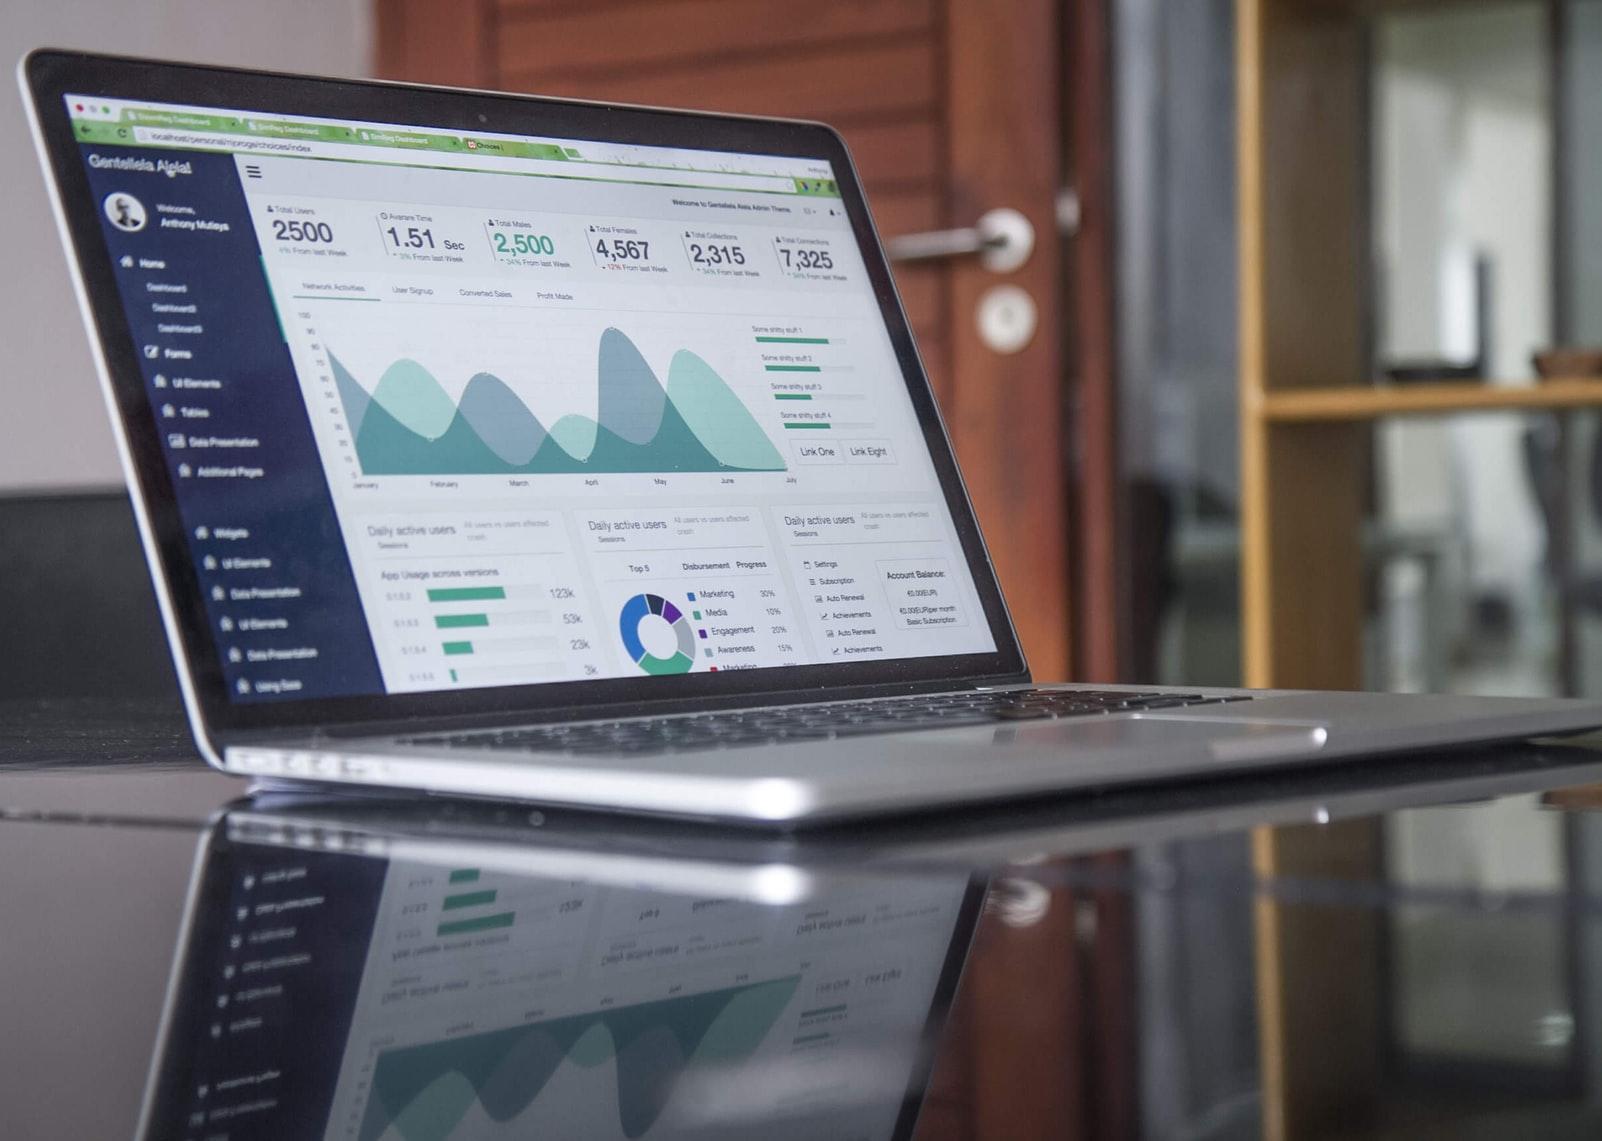 analytics on laptop screen